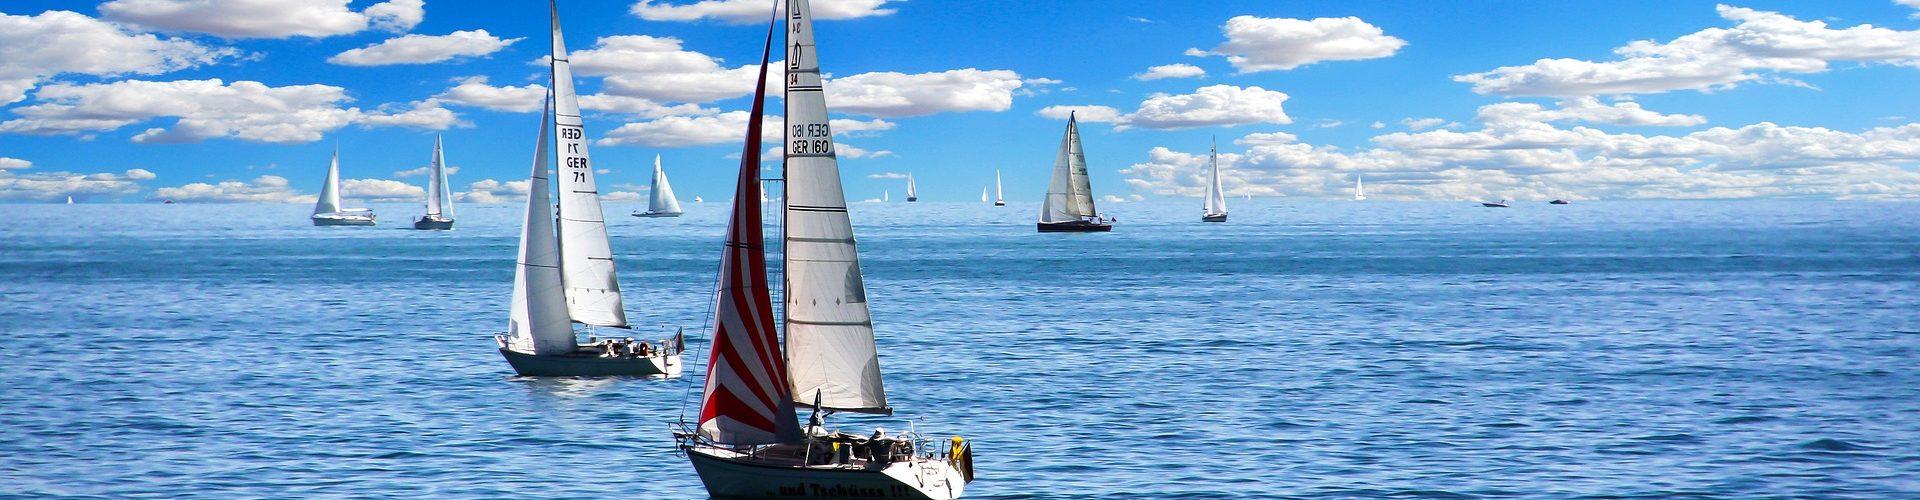 segeln lernen in Langen segelschein machen in Langen 1920x500 - Segeln lernen in Langen